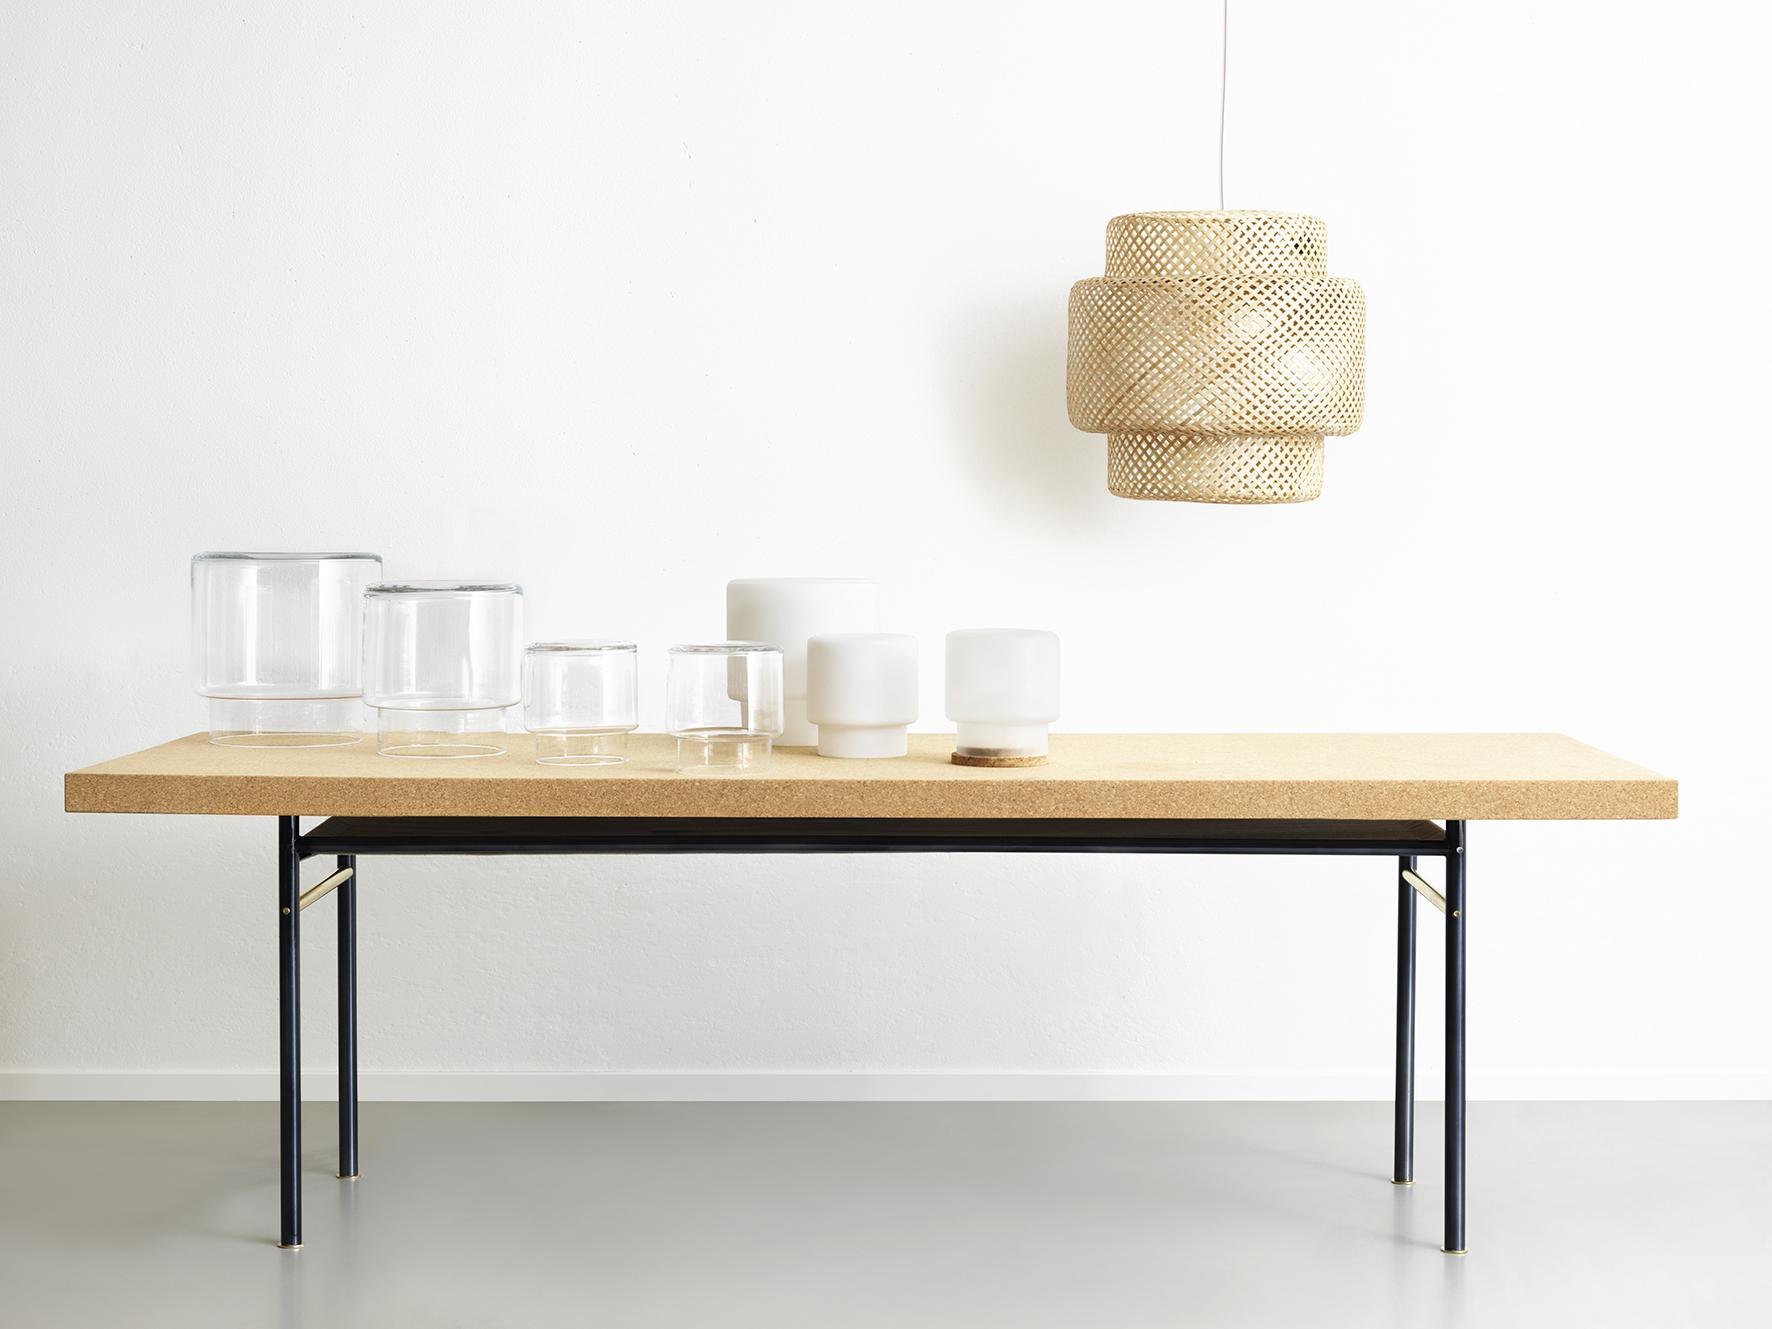 Stenstorp Kitchen Island From Ikea ~ 10月発売!IKEAの新製品で作る秋色アースカラー